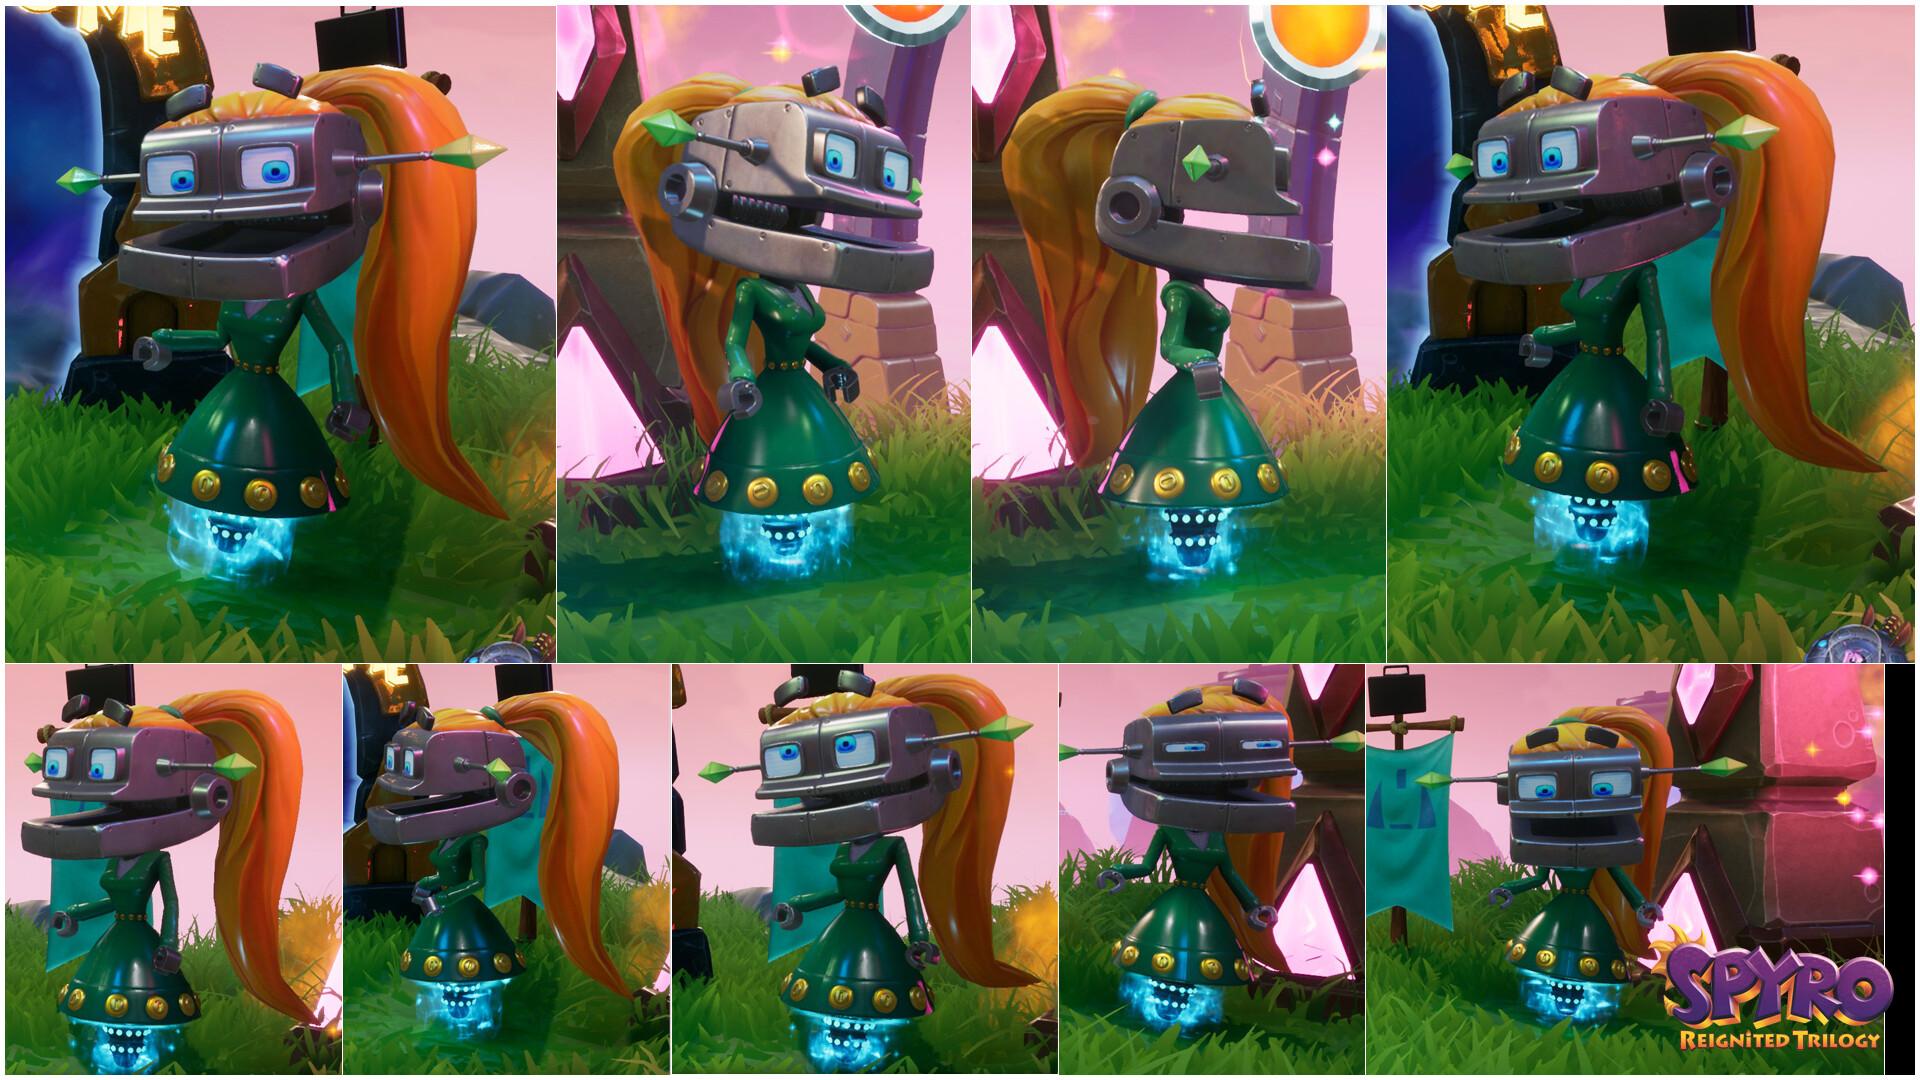 Alexandra jackson spyrotrilogy droidf collage